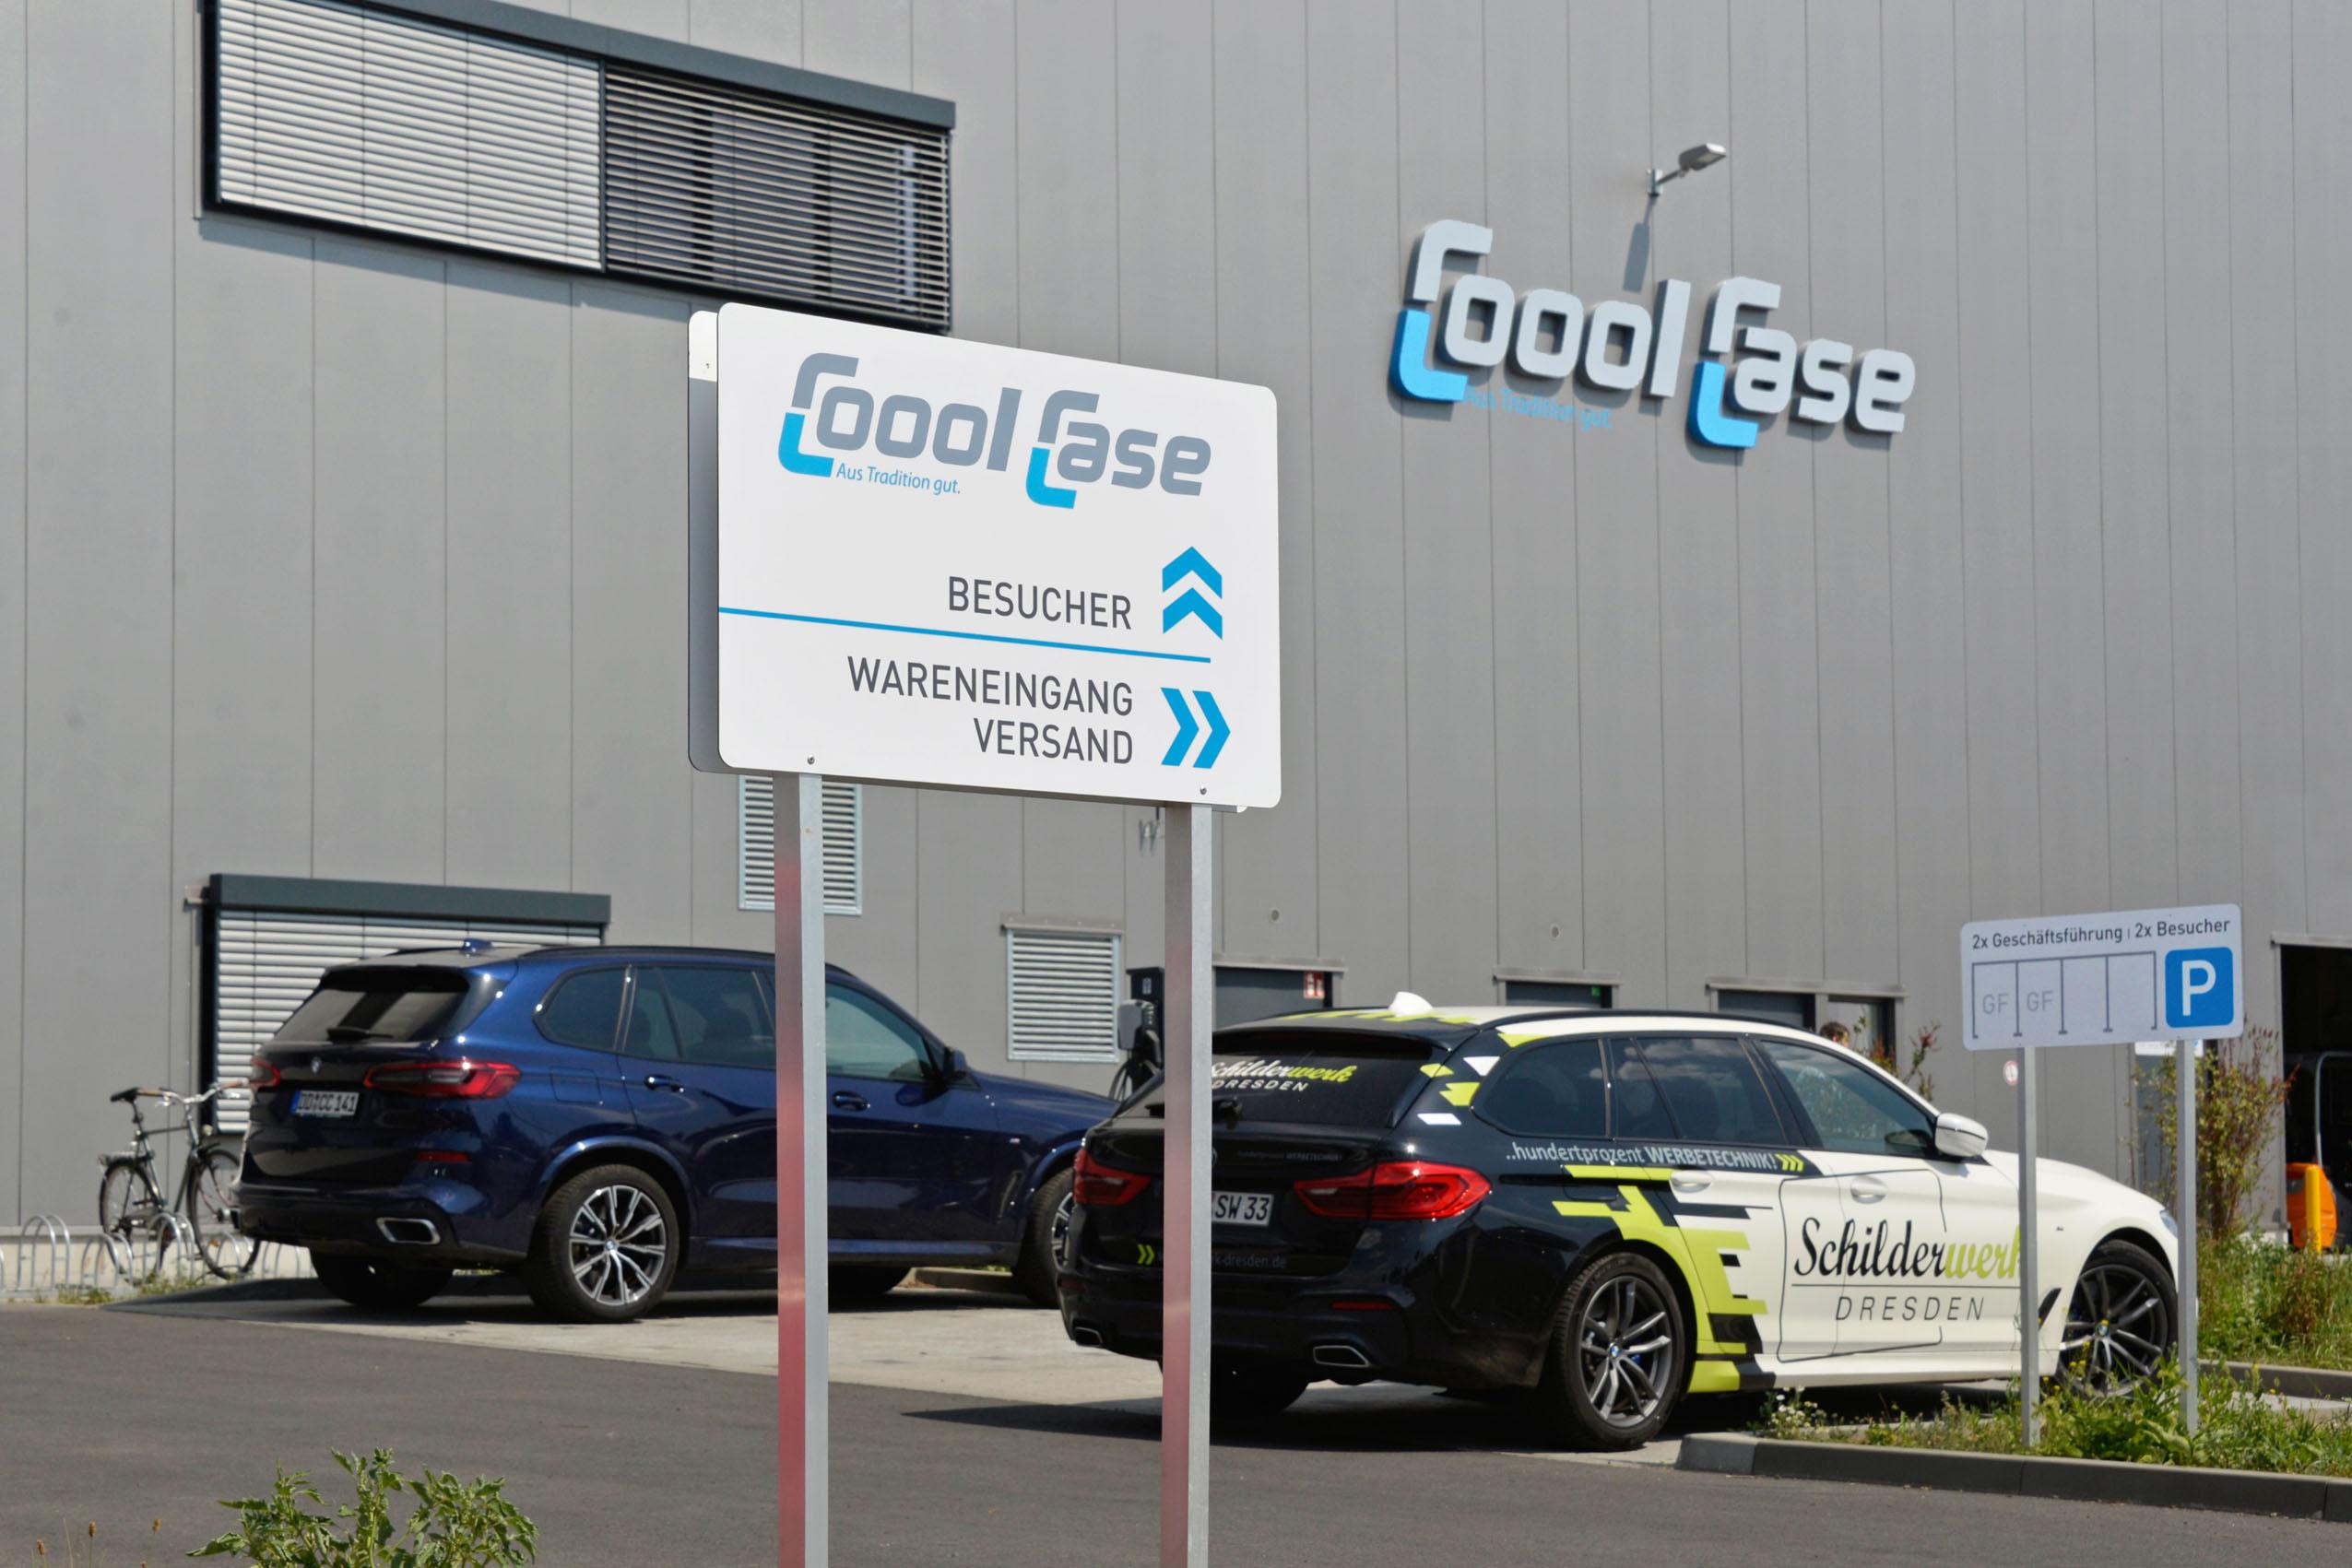 Coool Case | Profil-Buchtaben | Wegeleitsystem